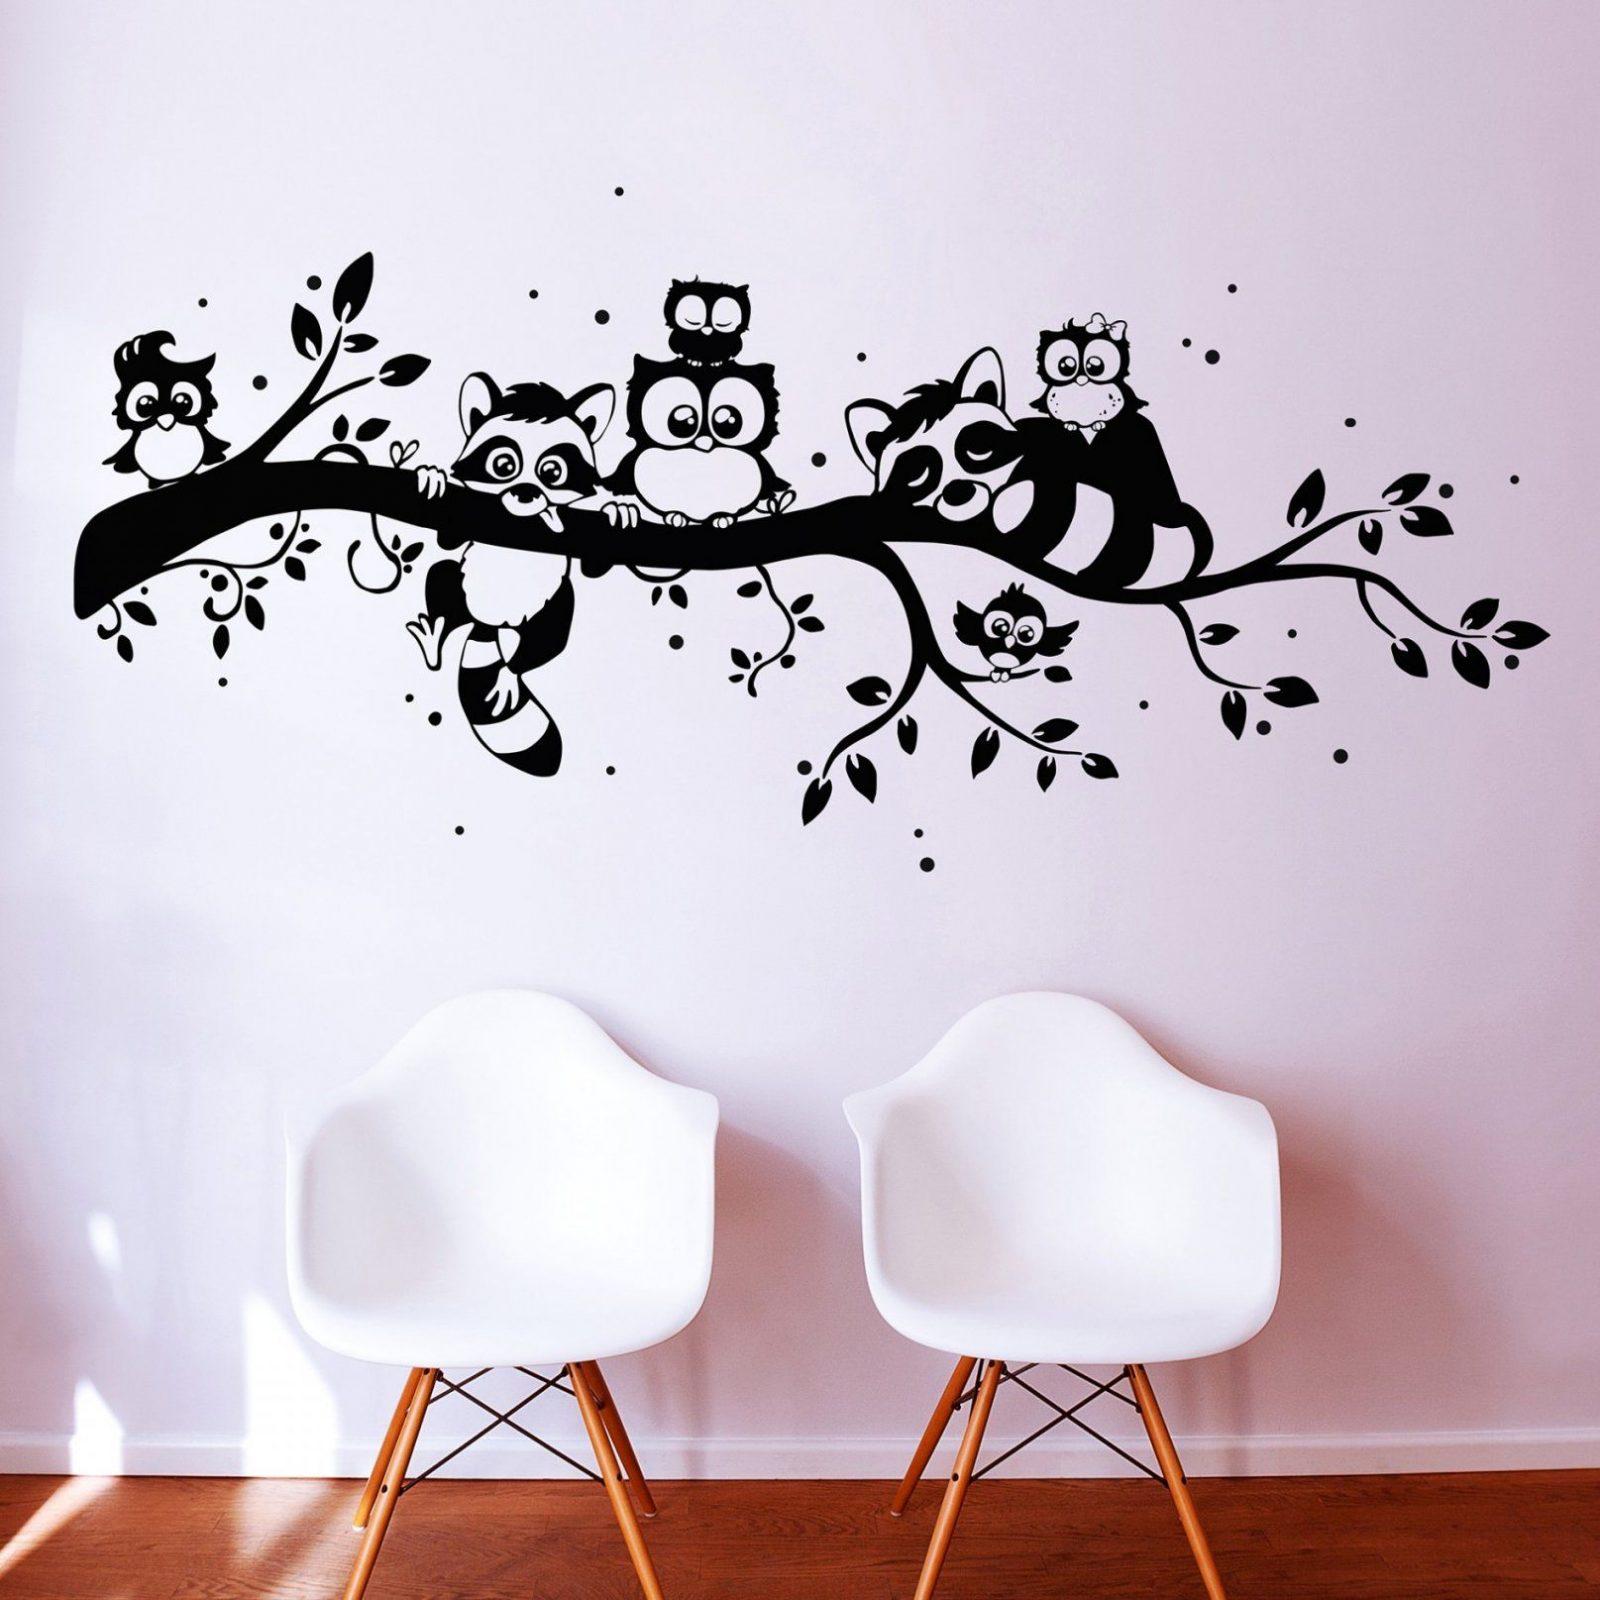 Beste Pin Von Deinewandkunst Auf Wandtattoo Eulen Für Wandtattoo von Wandtattoo Baum Mit Eulen Bild